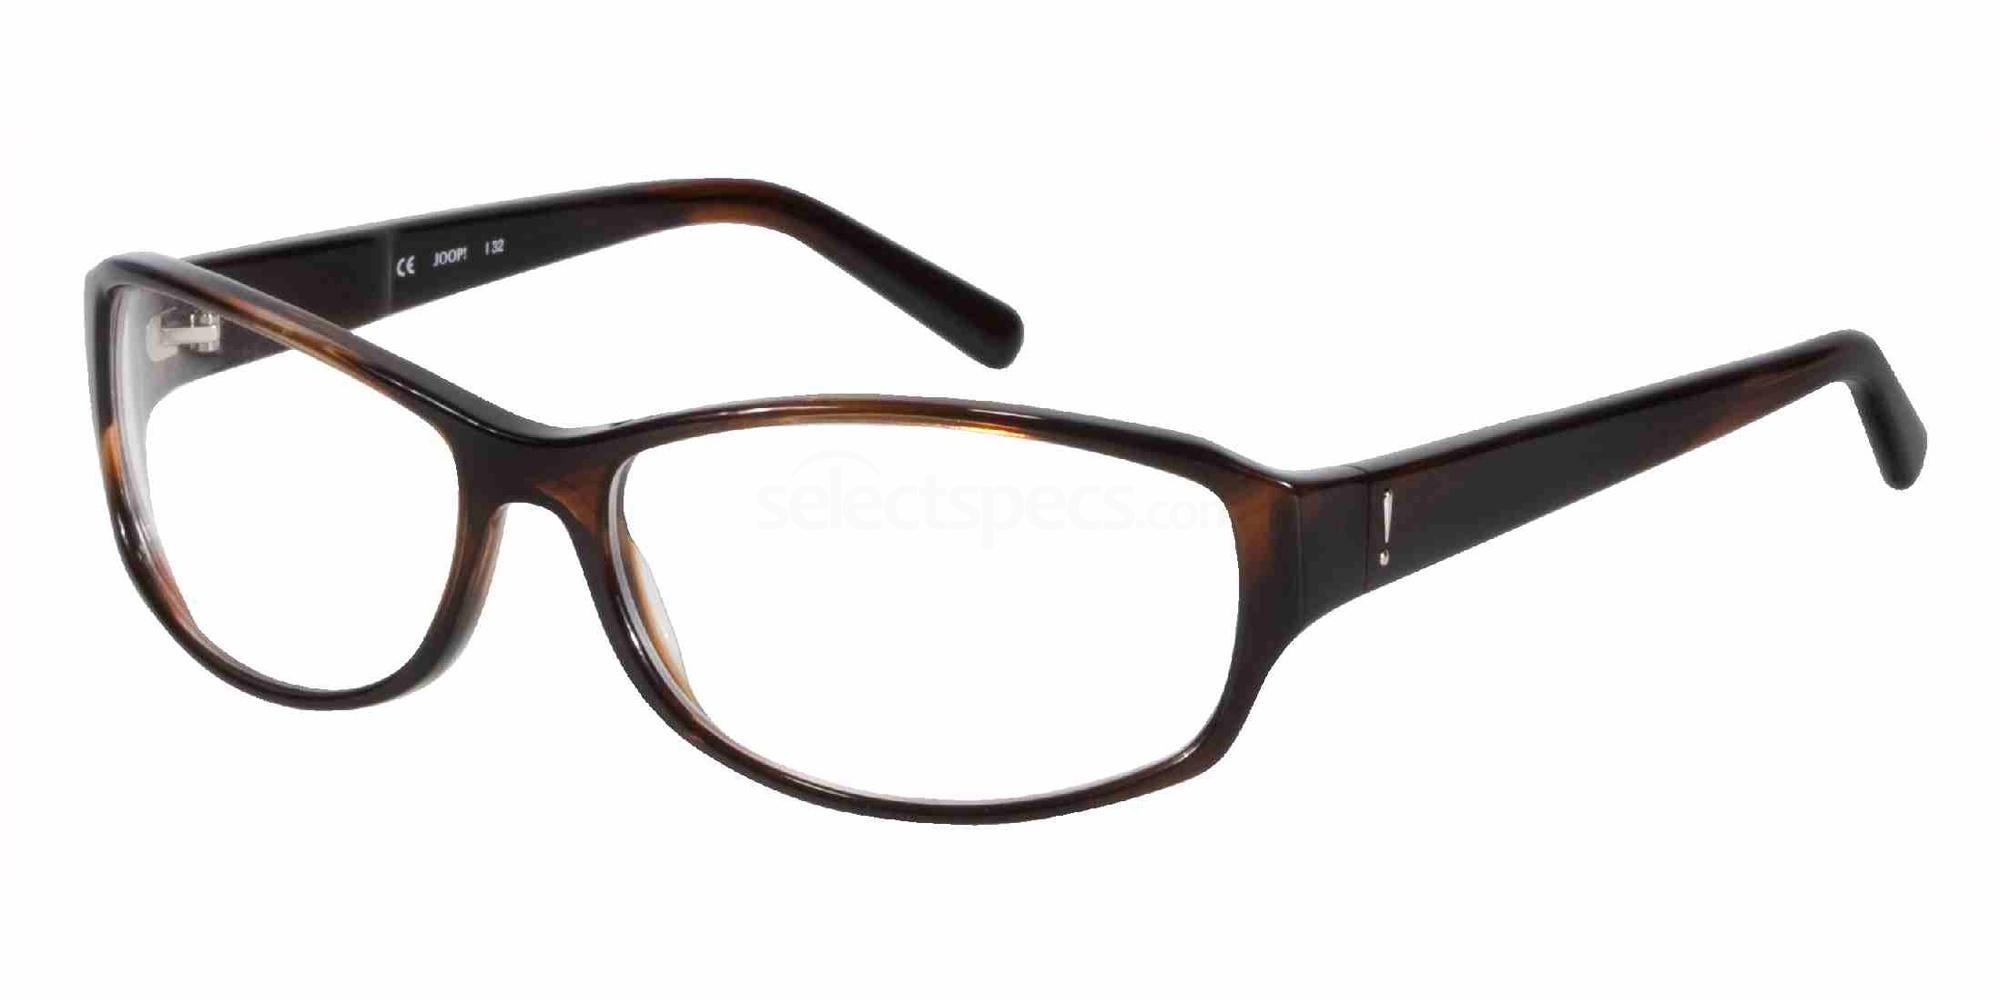 6315 81046 Glasses, JOOP Eyewear